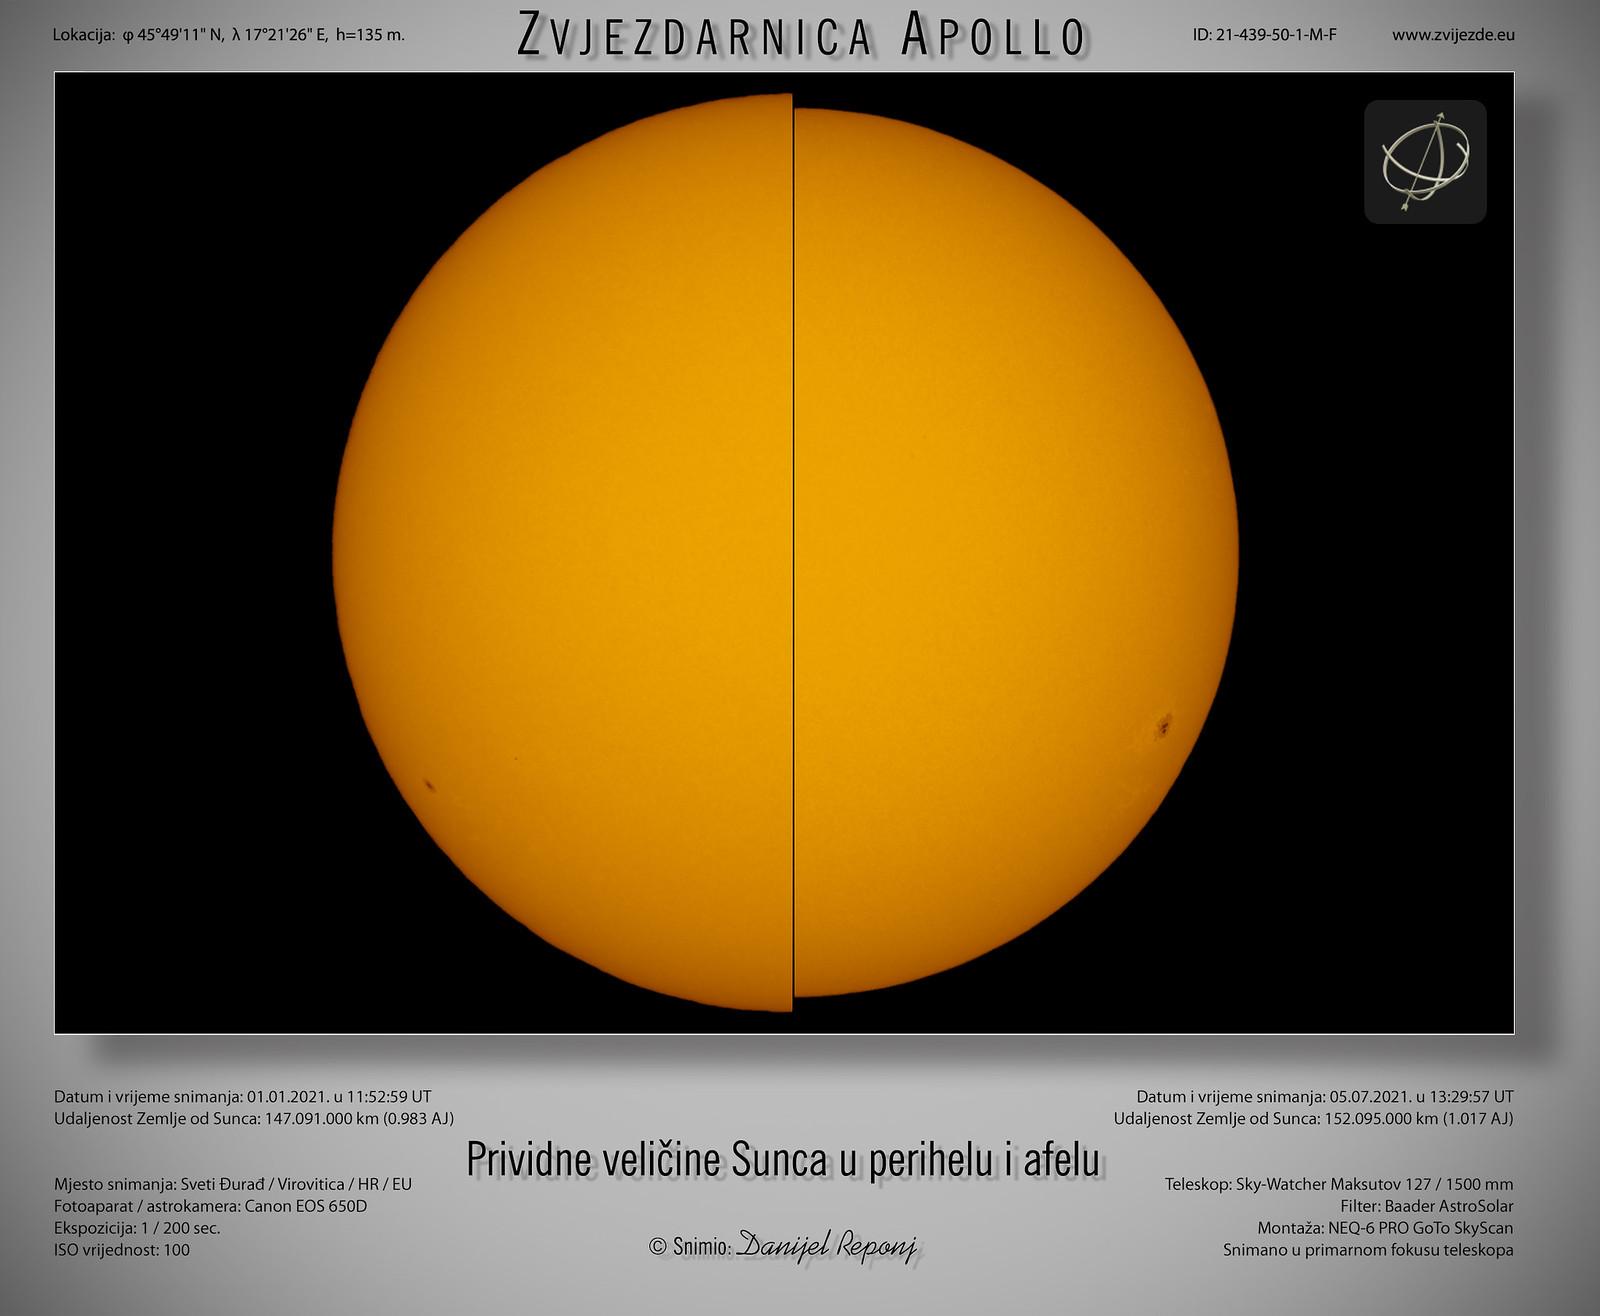 Prividne veličine Sunca u perihelu i afelu, 5.7.2021.